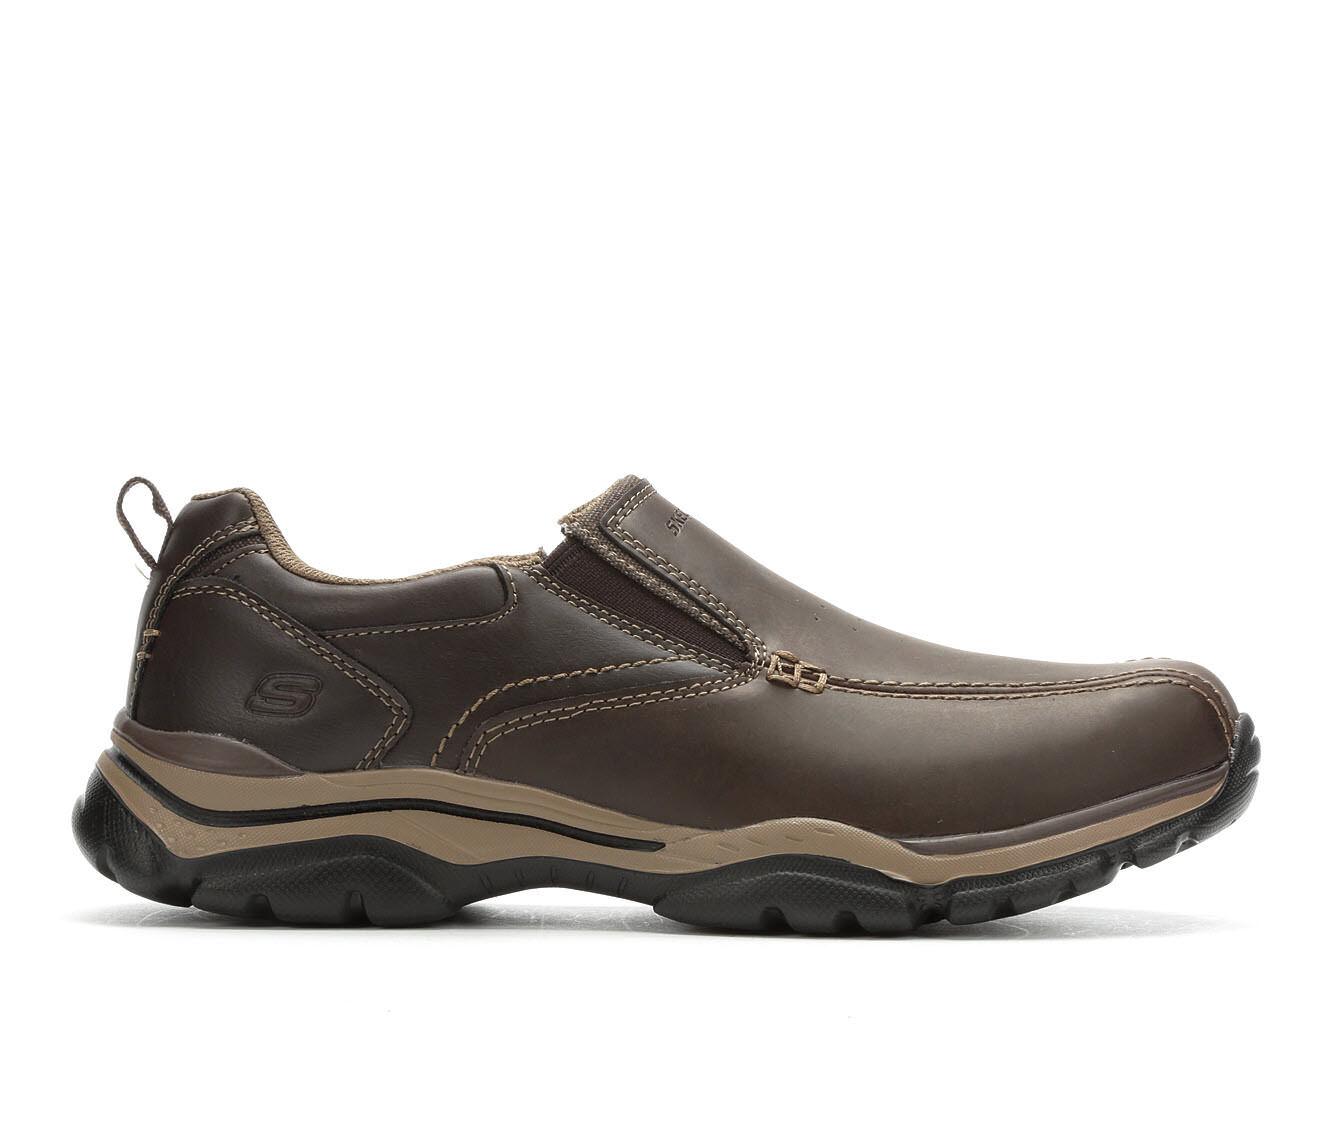 Men's Skechers Venten 65415 Casual Moc Loafers Dark Brown